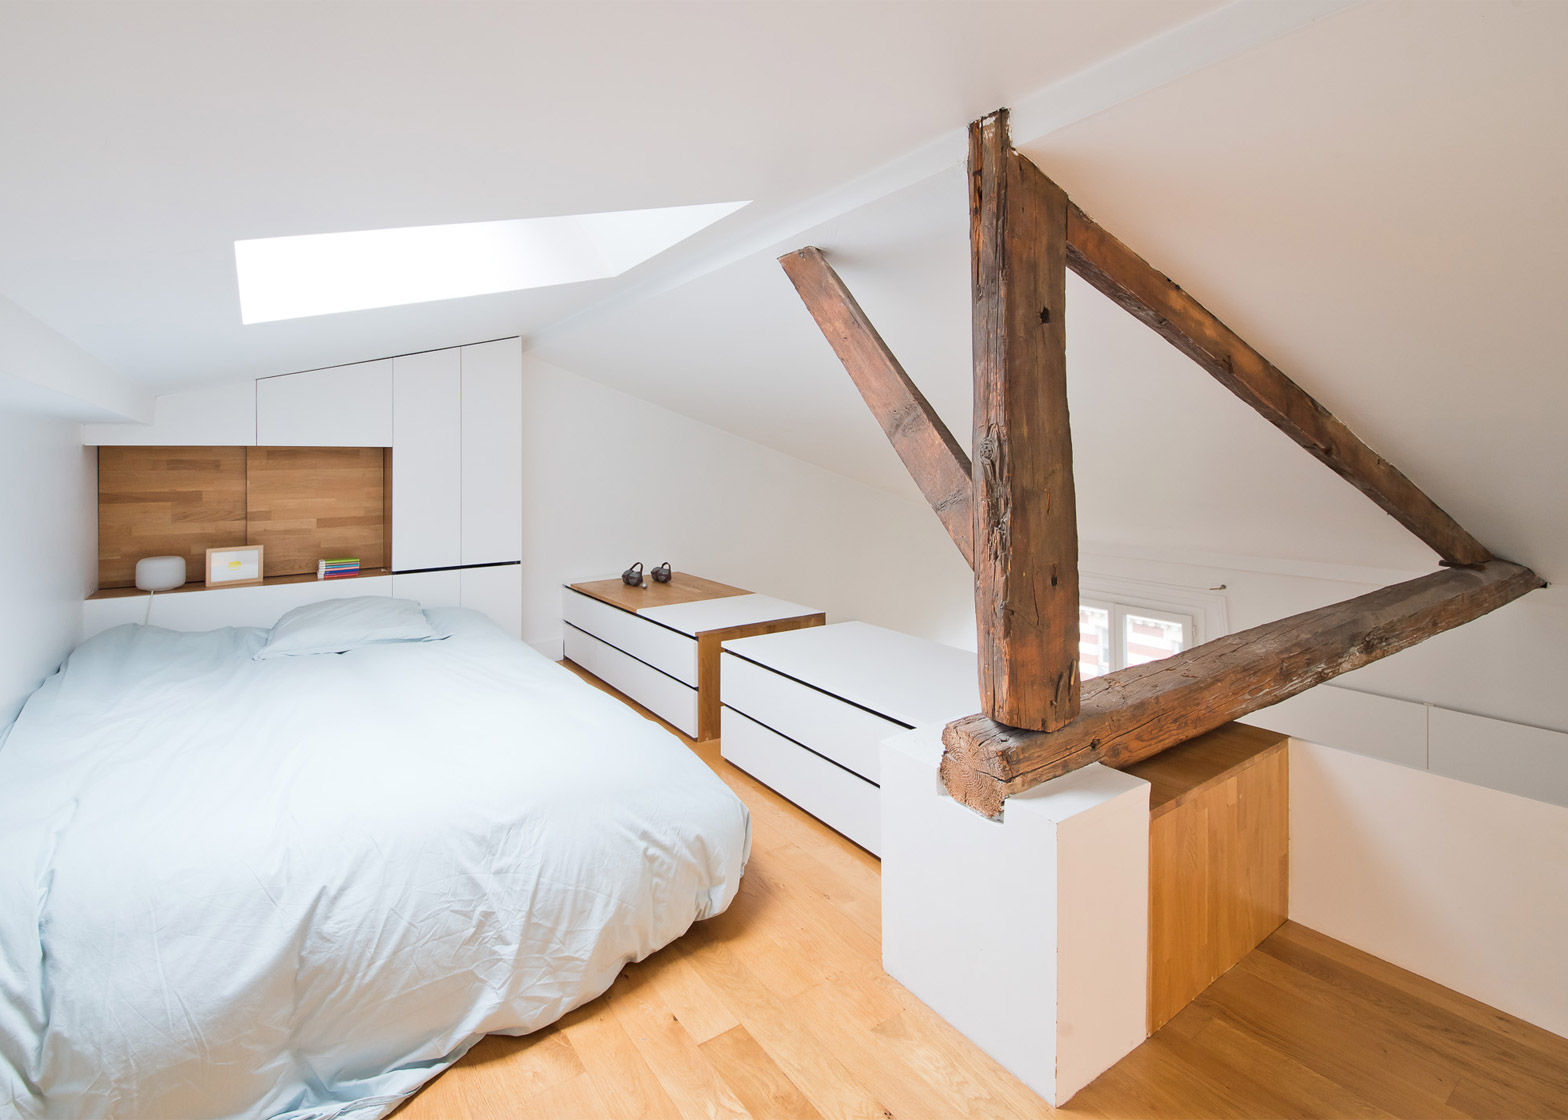 mobili e armadi nella camera da letto in mansarda - mansarda.it - Contenitori Camera Da Letto